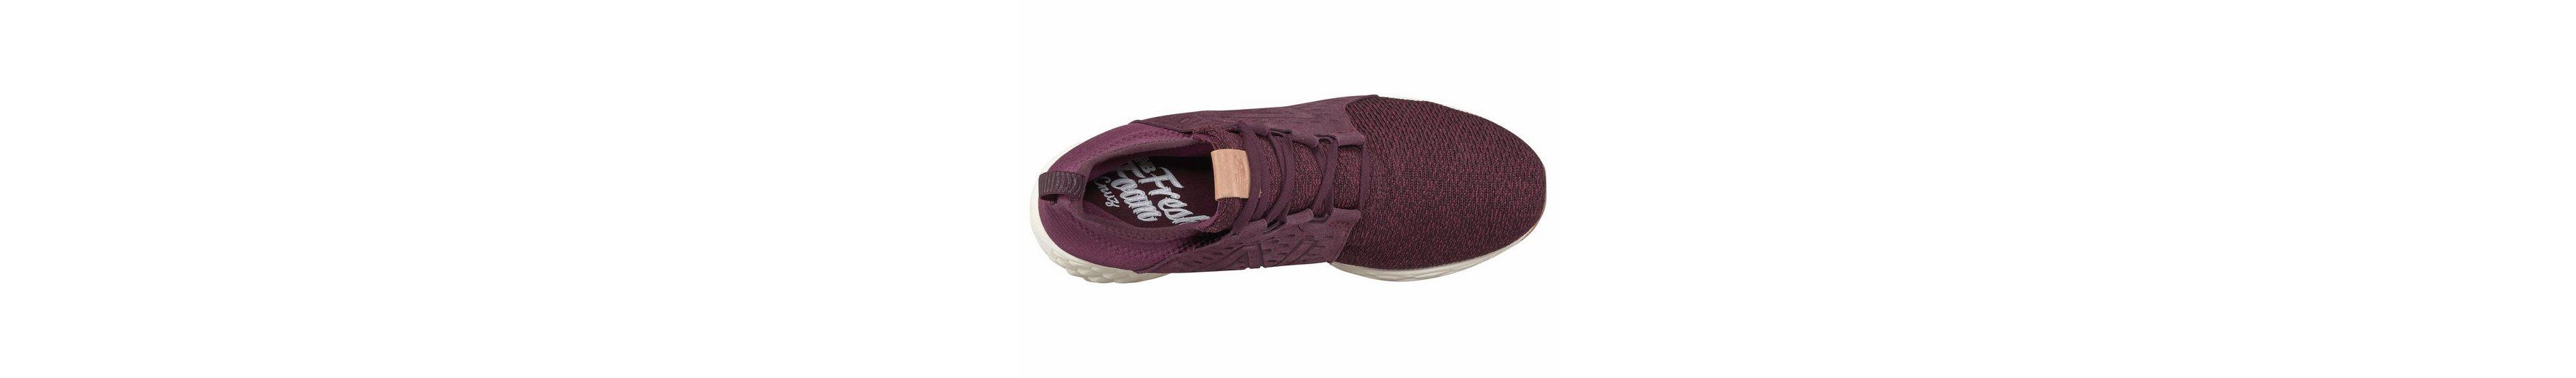 Aus Deutschland  Verkaufsschlager New Balance Cruz Sneaker Freies Verschiffen Schnelle Lieferung 6QpYA0